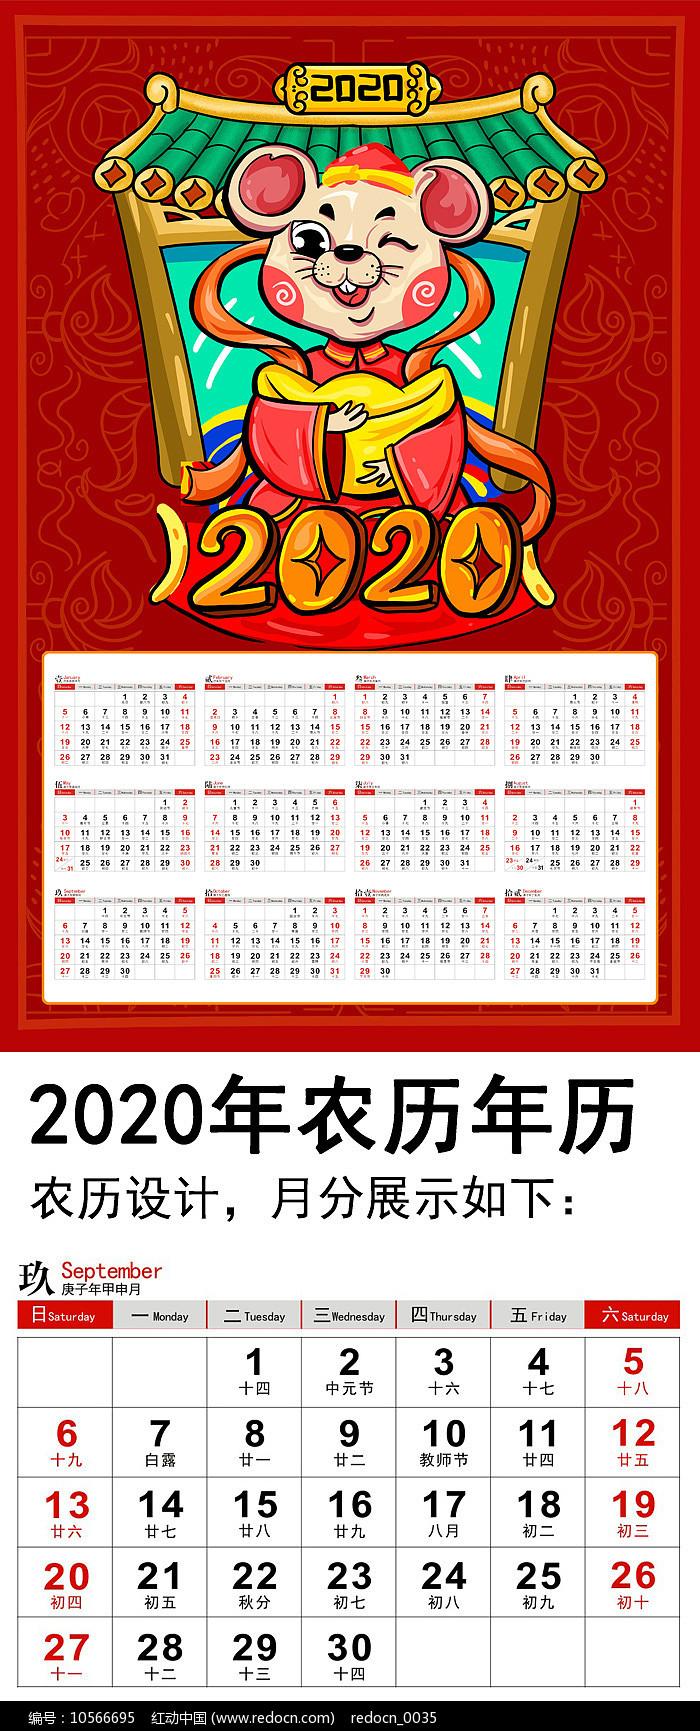 2020年画年历图片